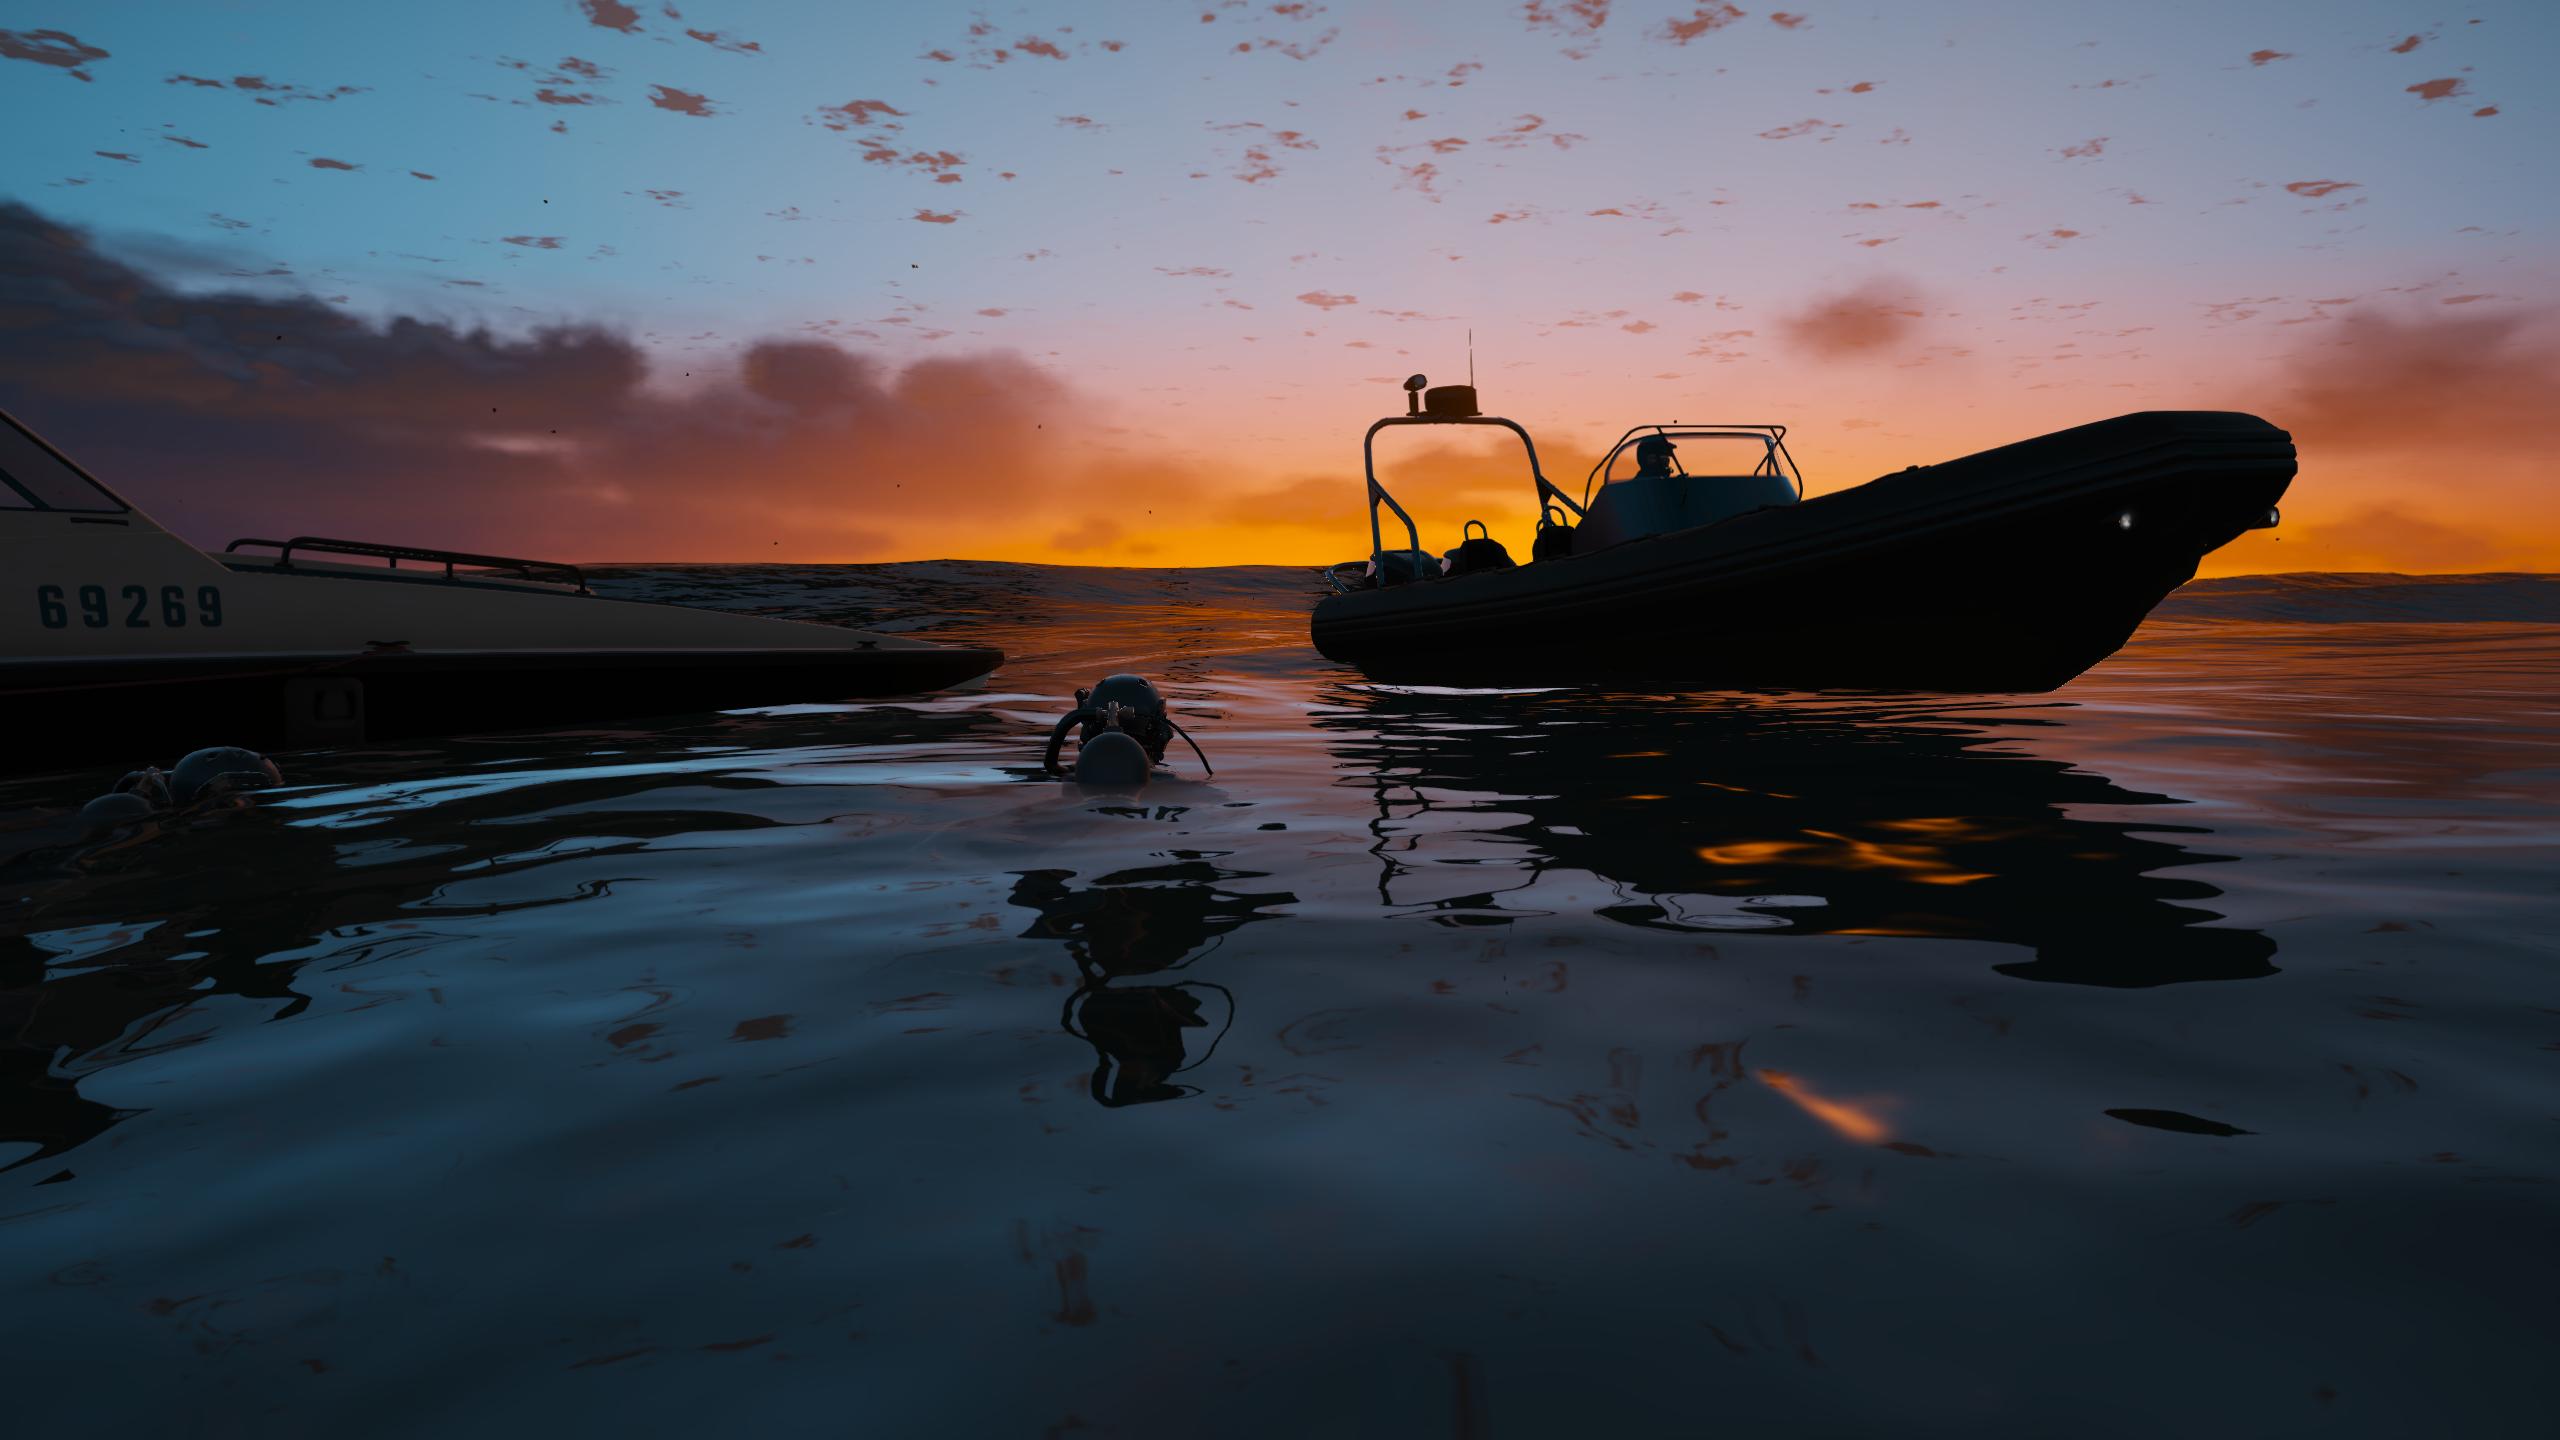 Grand_Theft_Auto_V_Screenshot_2020.11.13